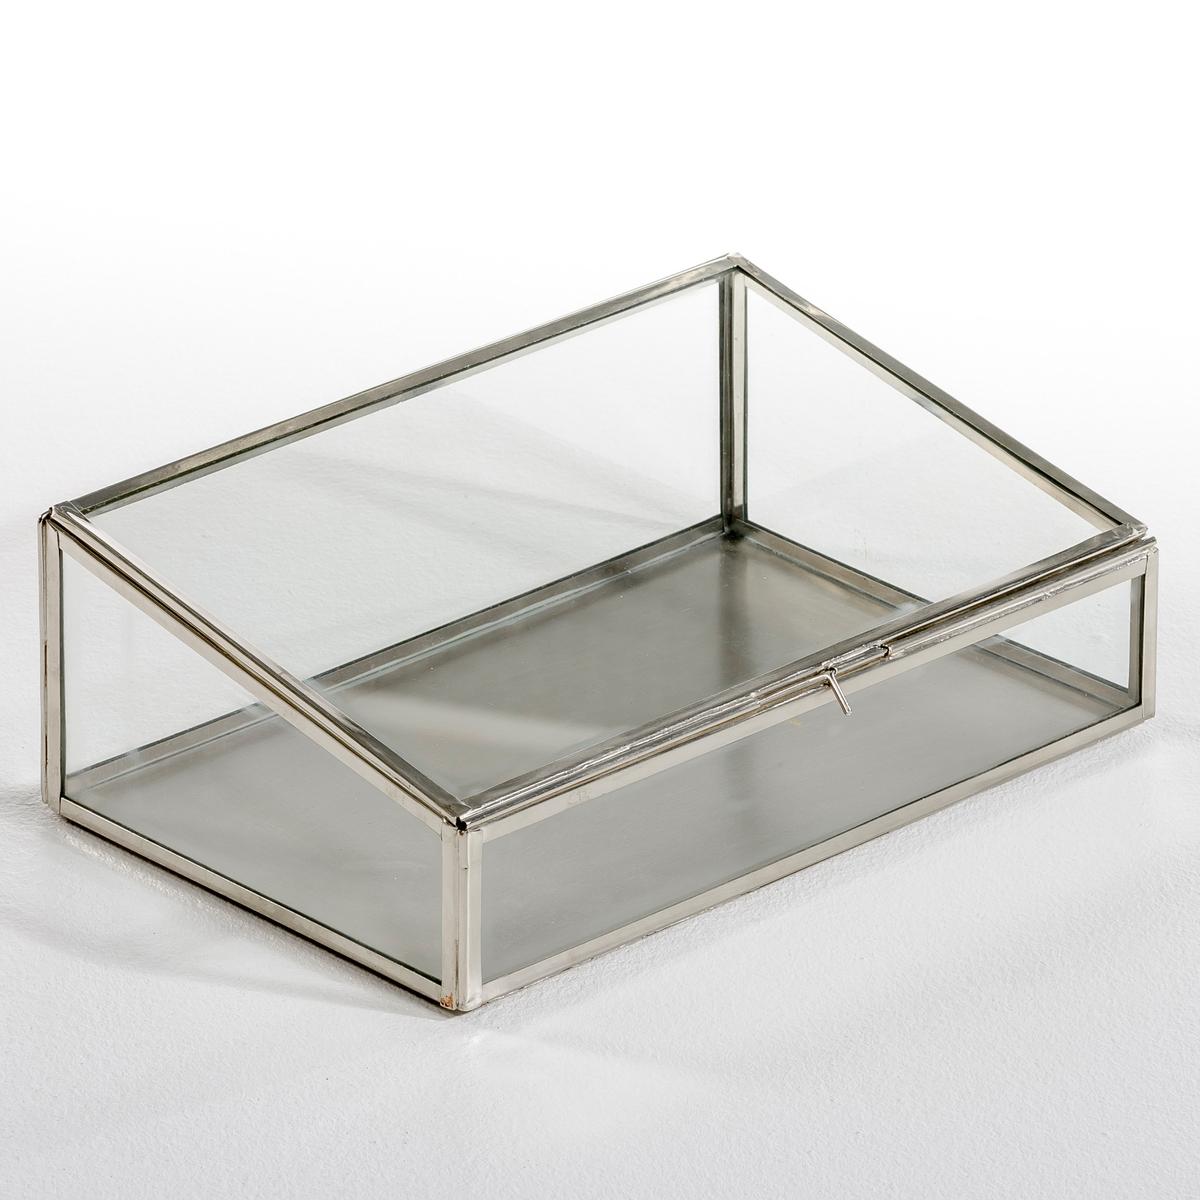 Коробка-витрина для хранения MisiaКоробка-витрина в форме трапеции, Misia. Этот уникальный предмет декора оригинальной трапециевидной формы позволит спрятать и, вместе с тем, выставить на всеобщее обозрение самые важные вещи и украшения. Используйте собранную вручную коробку в качестве шкатулки или корзинки для хранения мелких предметов. Уникальный аксессуар, который сделает декор комнаты неповторимым. Описание: - Выполнена из стекла и металлаРазмеры:- Д. 30 x В. 10 x Г. 20 см.<br><br>Цвет: латунь,черный